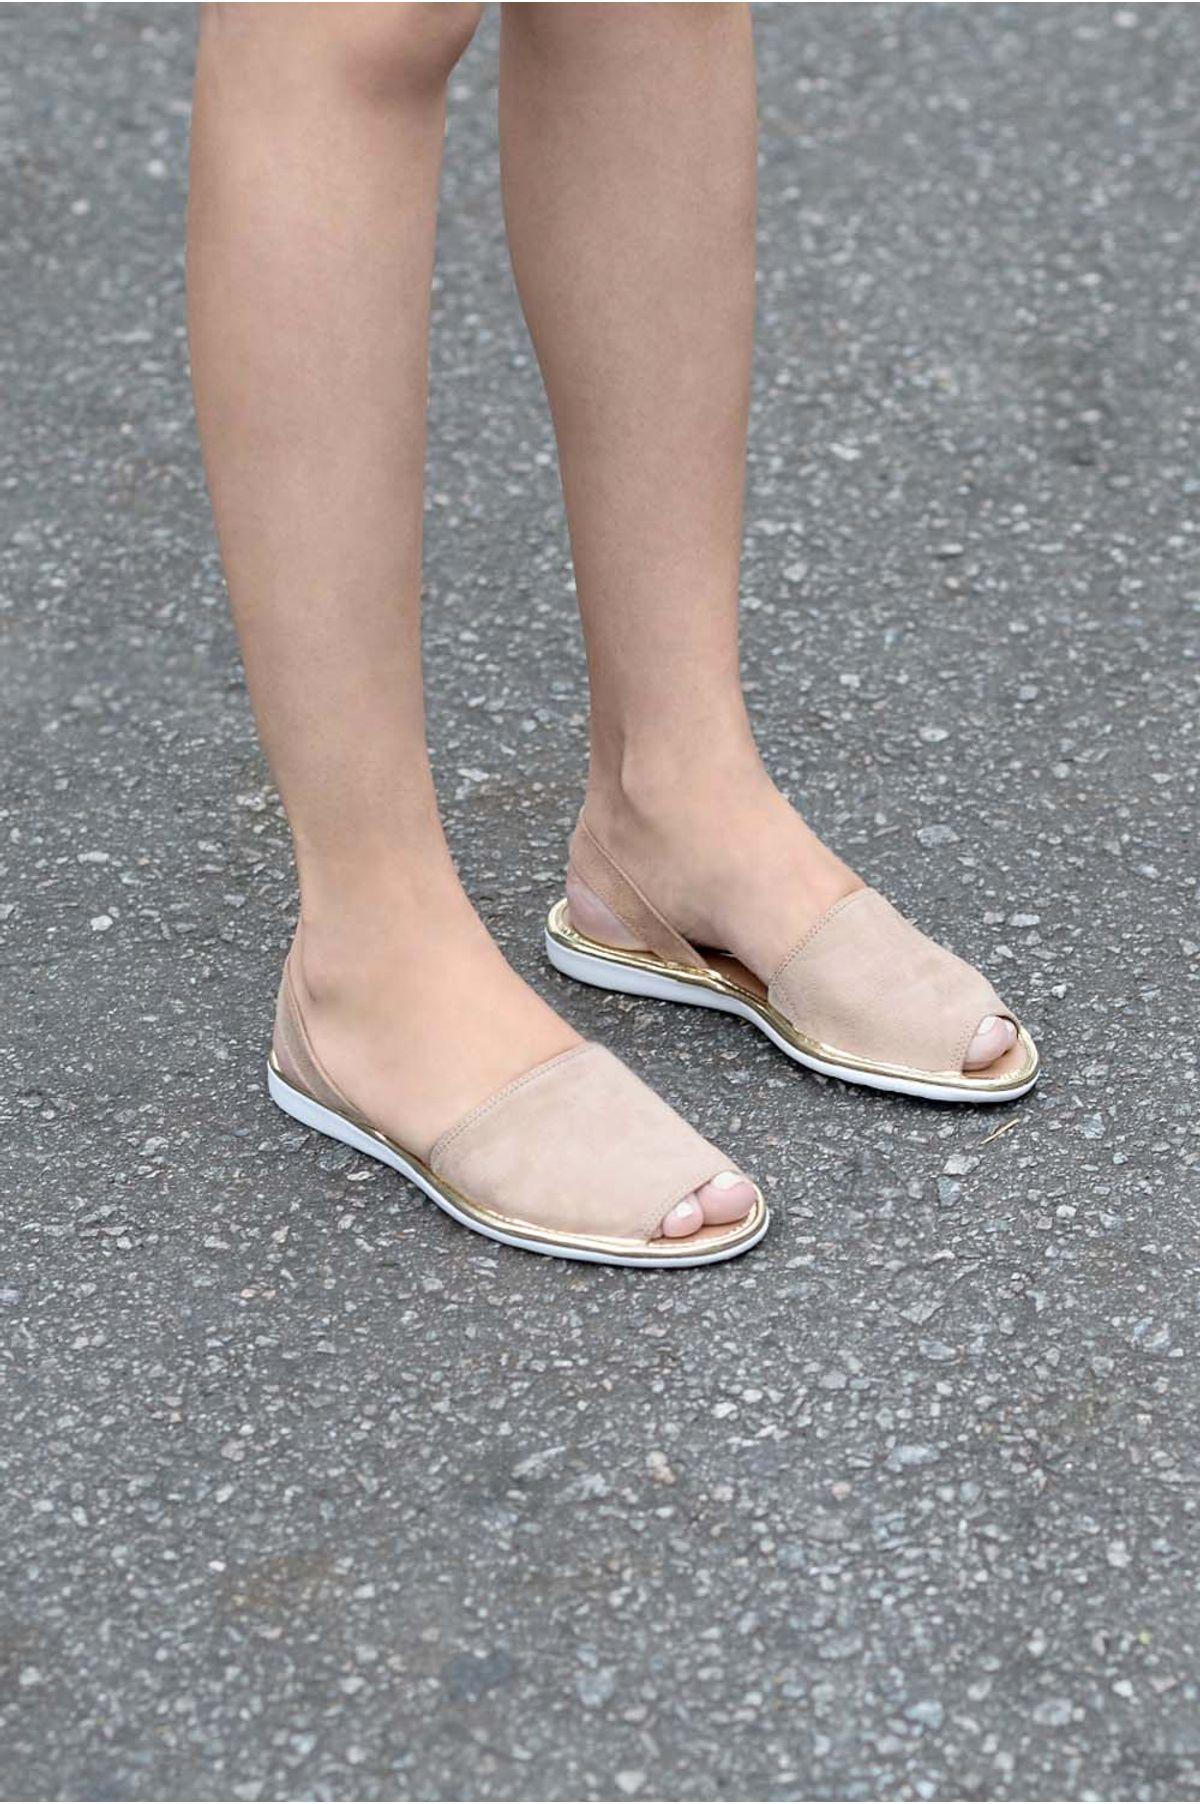 208ba00bd Sandália Feminina Rasteira Nyara Vizzano CAM - BEGE - Mundial Calçados